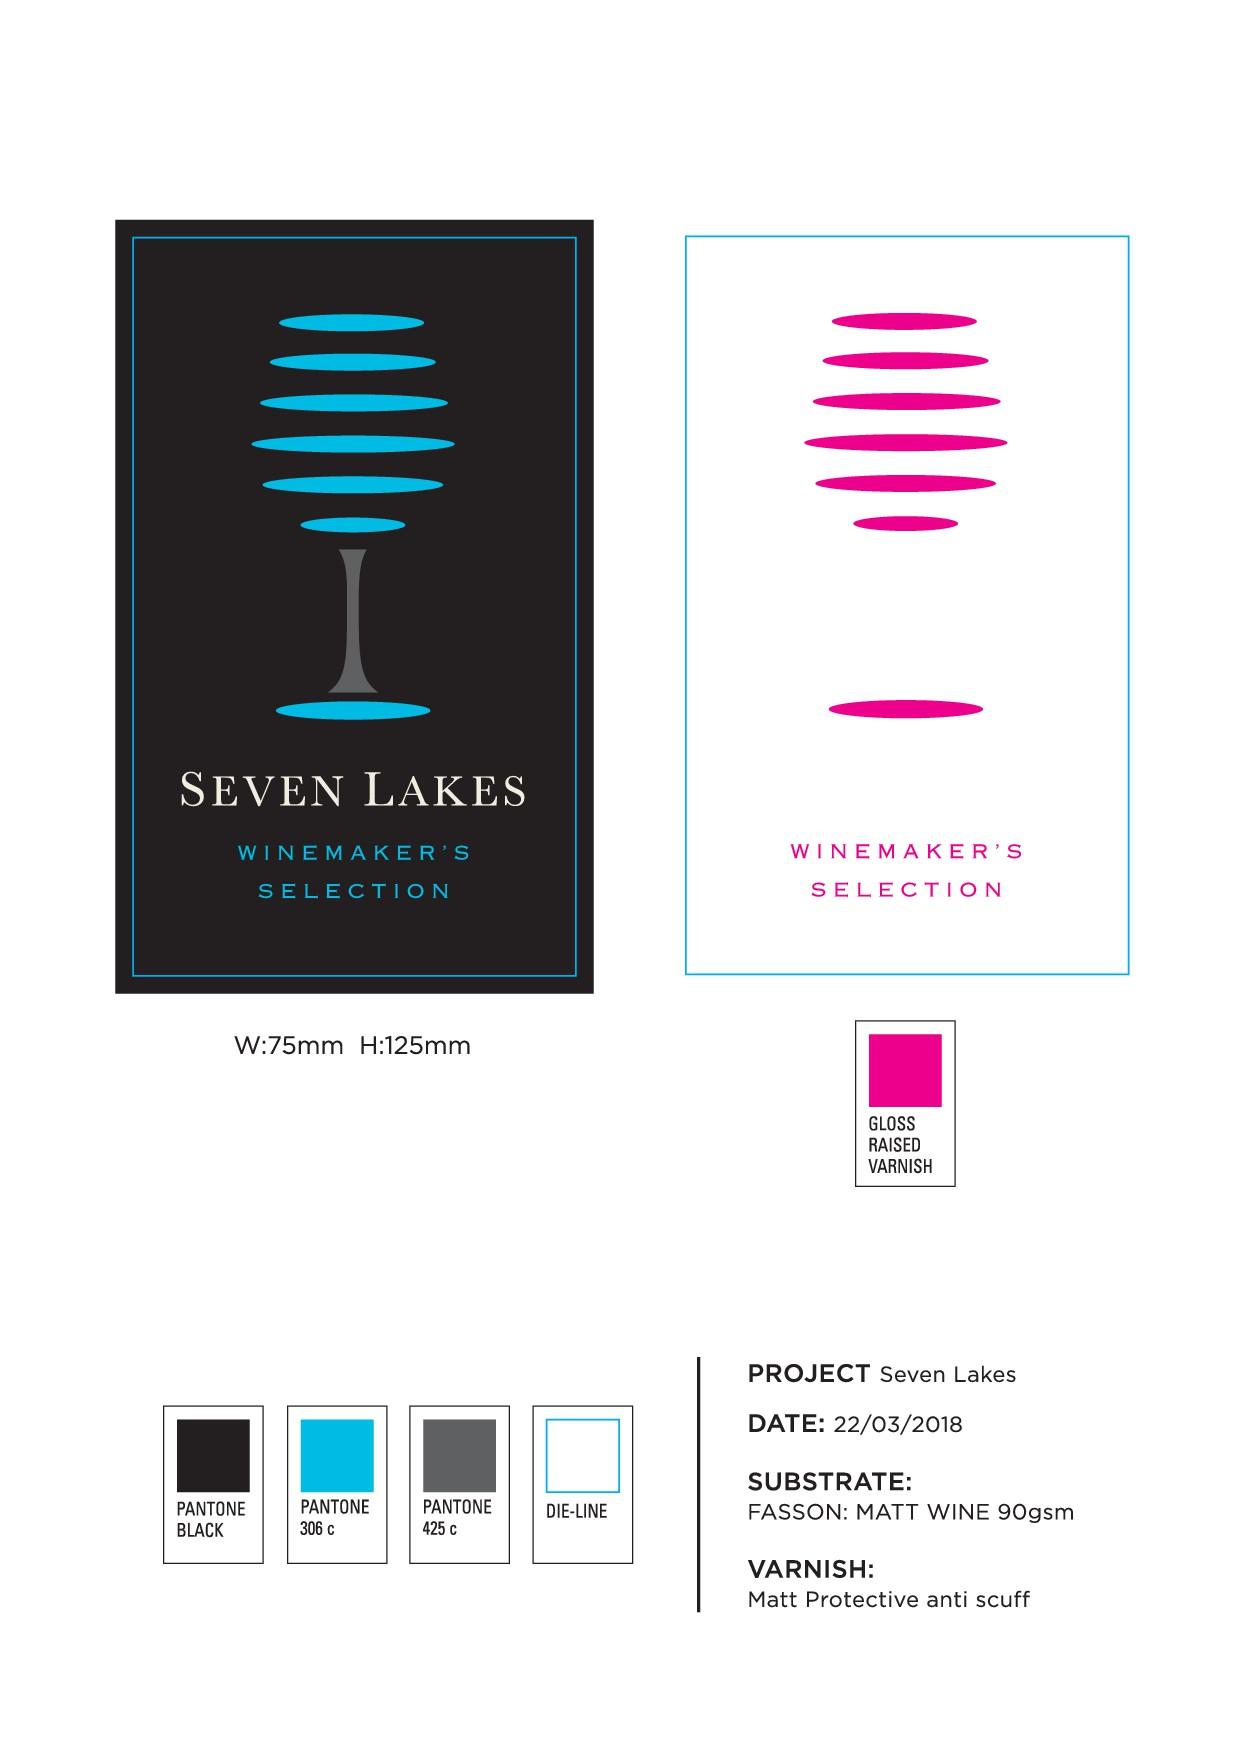 Seven Lakes - design a premium wine label